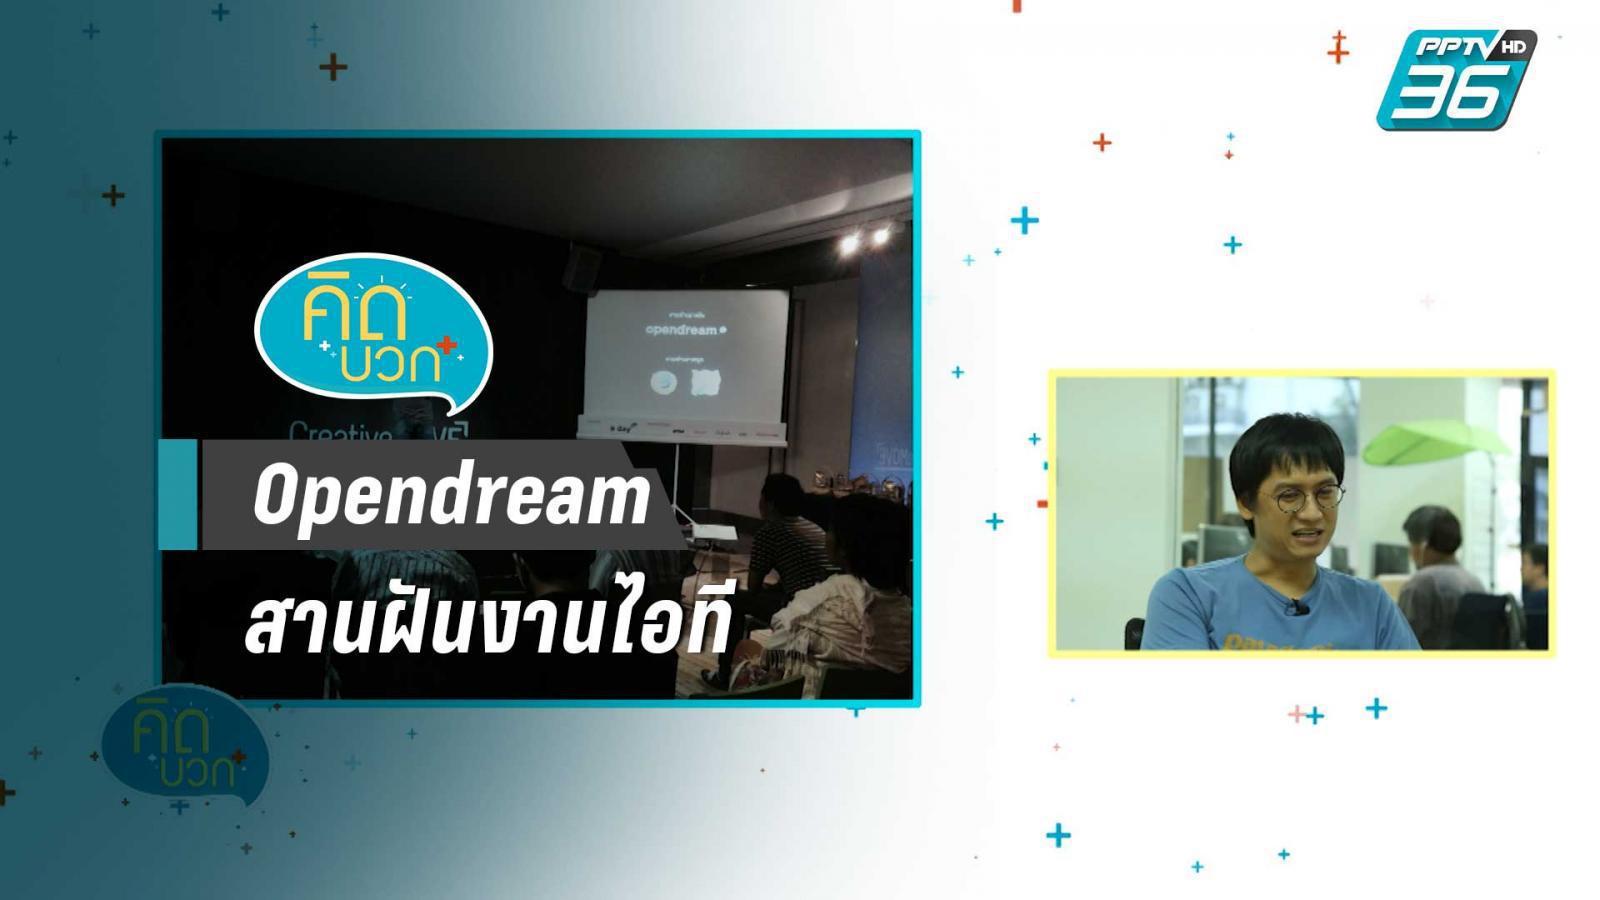 Opendream สานฝันงานไอที สู่ธุรกิจขับเคลื่อนสังคม